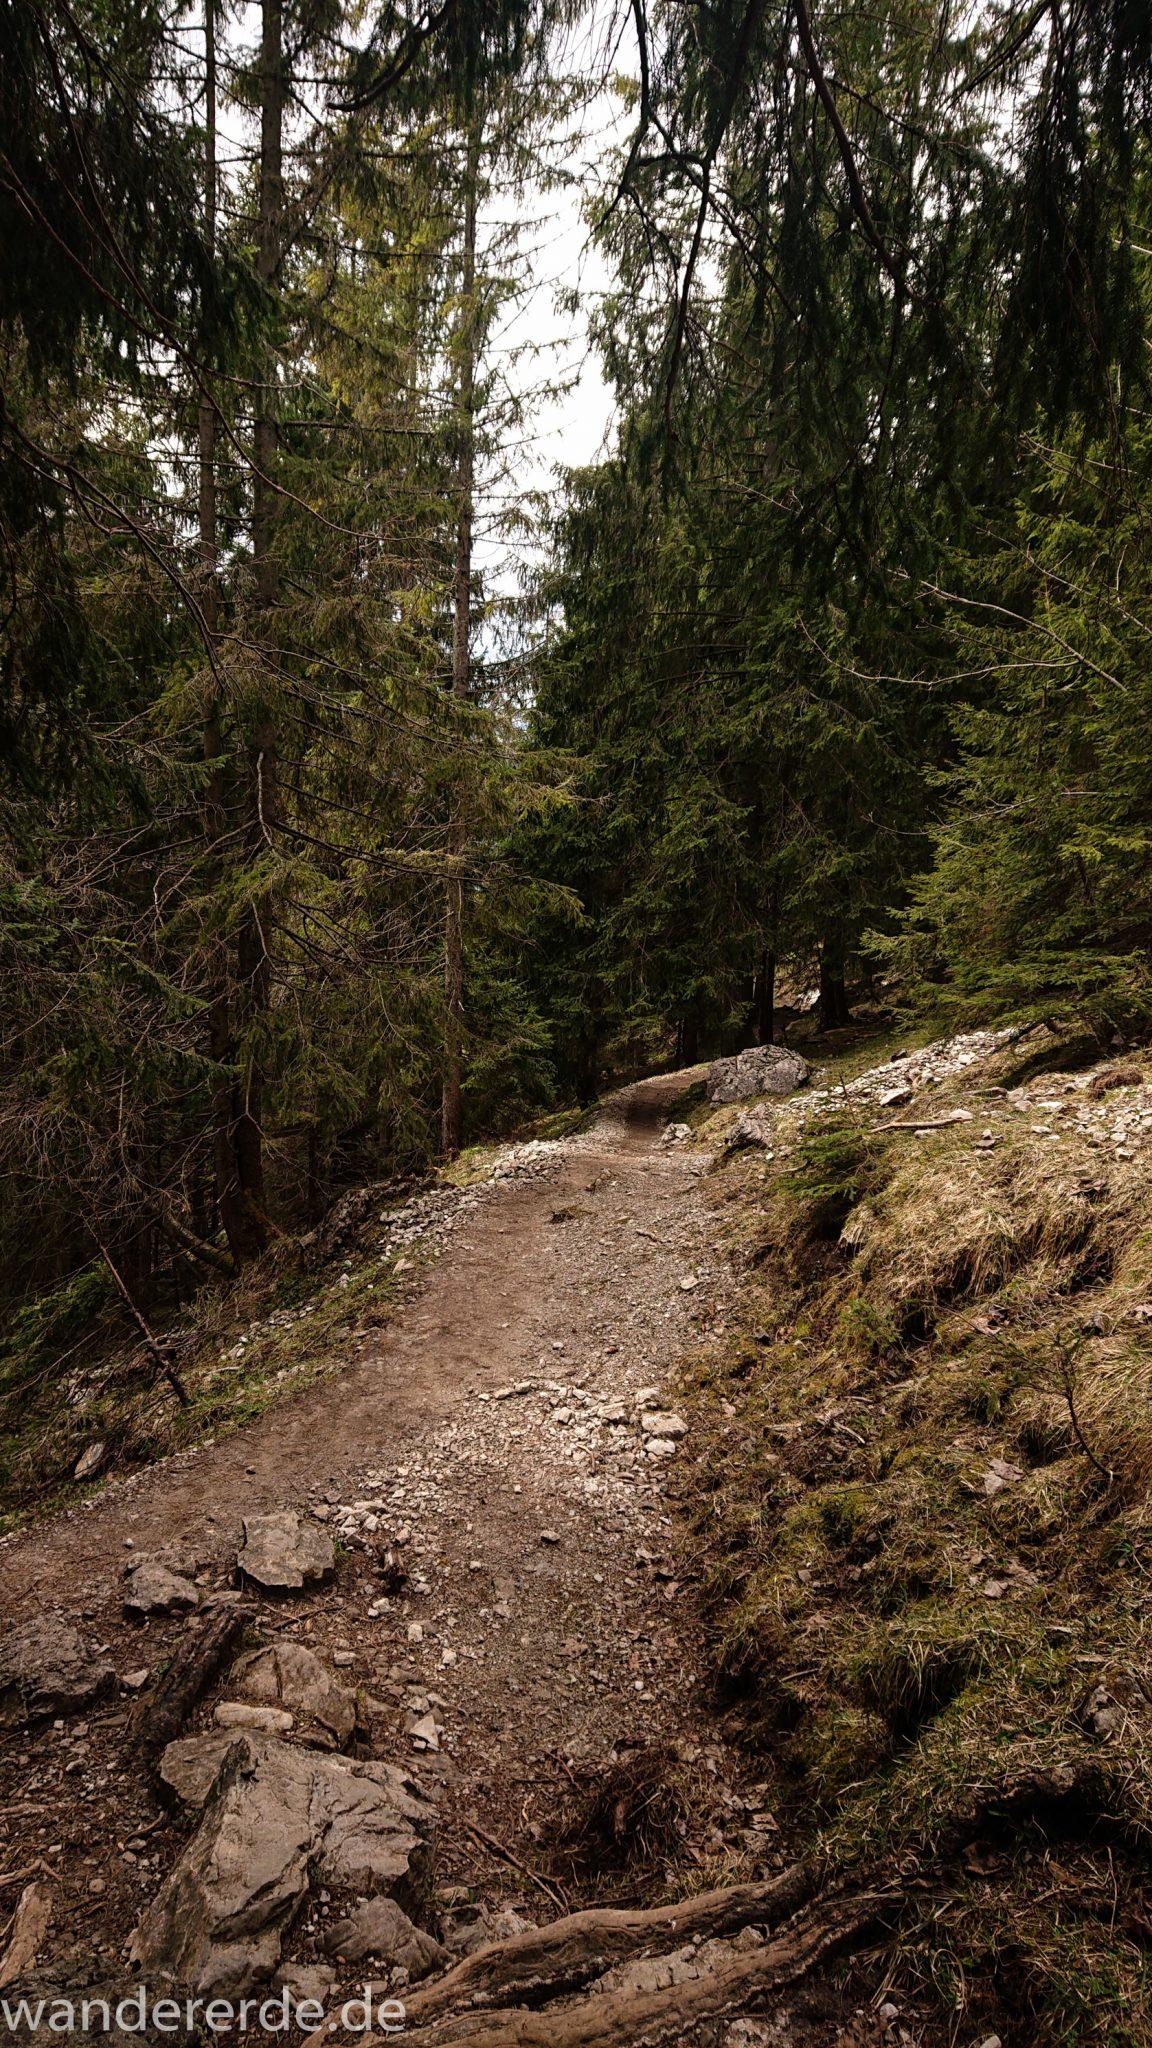 Wanderung Unterer Gaisalpsee, Wanderweg von Oberstdorf im Allgäu, schmalerer Kiespfad wird zunehmend steil und felsig, umgeben von schönem dichtem Mischwald